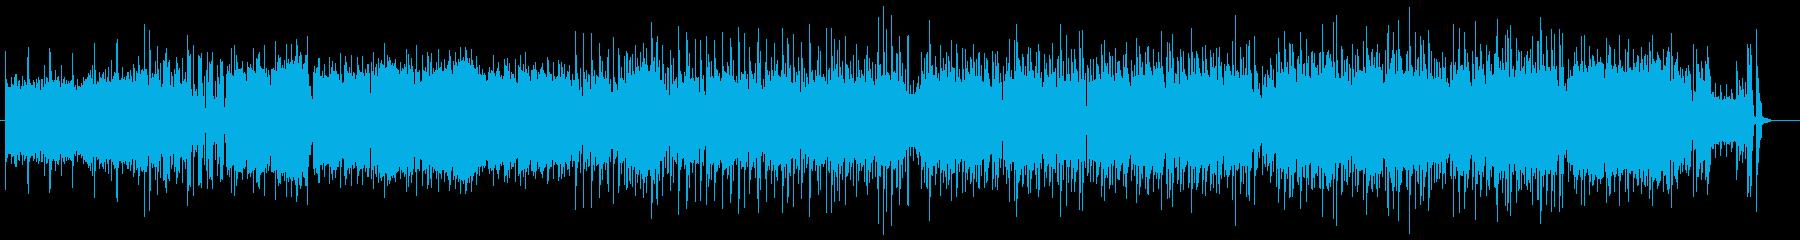 アニメのOP風のキャッチーな曲 レトロ風の再生済みの波形